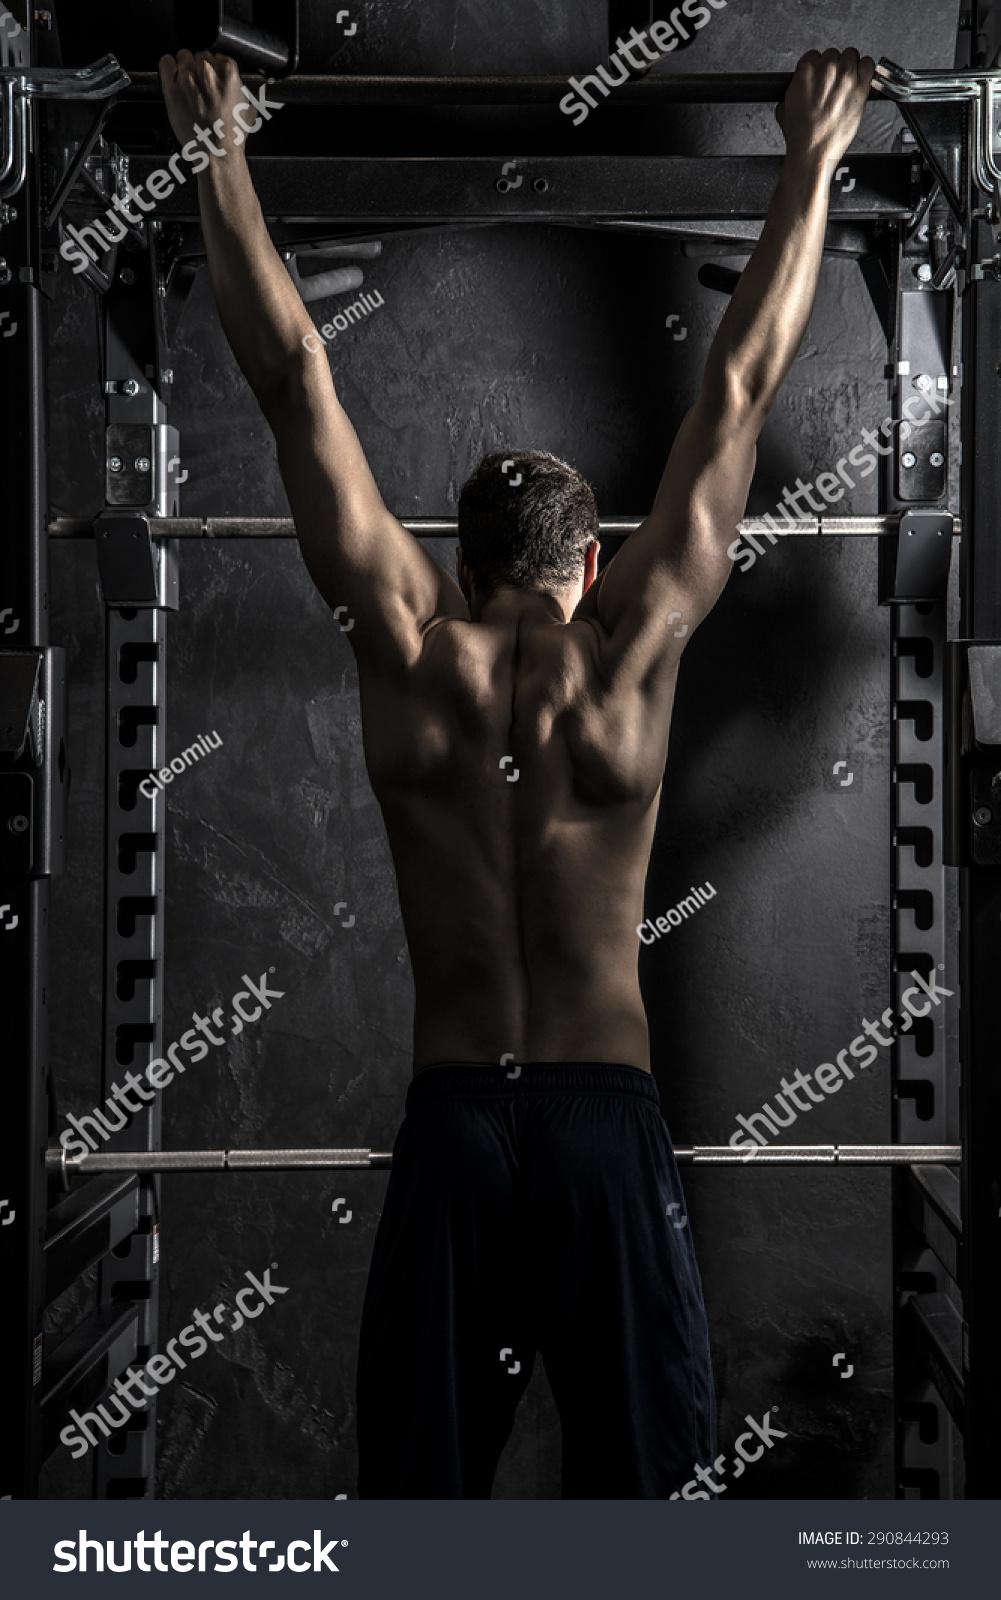 健身,年轻运动员强壮的男人展示从背部肌肉健身酒吧